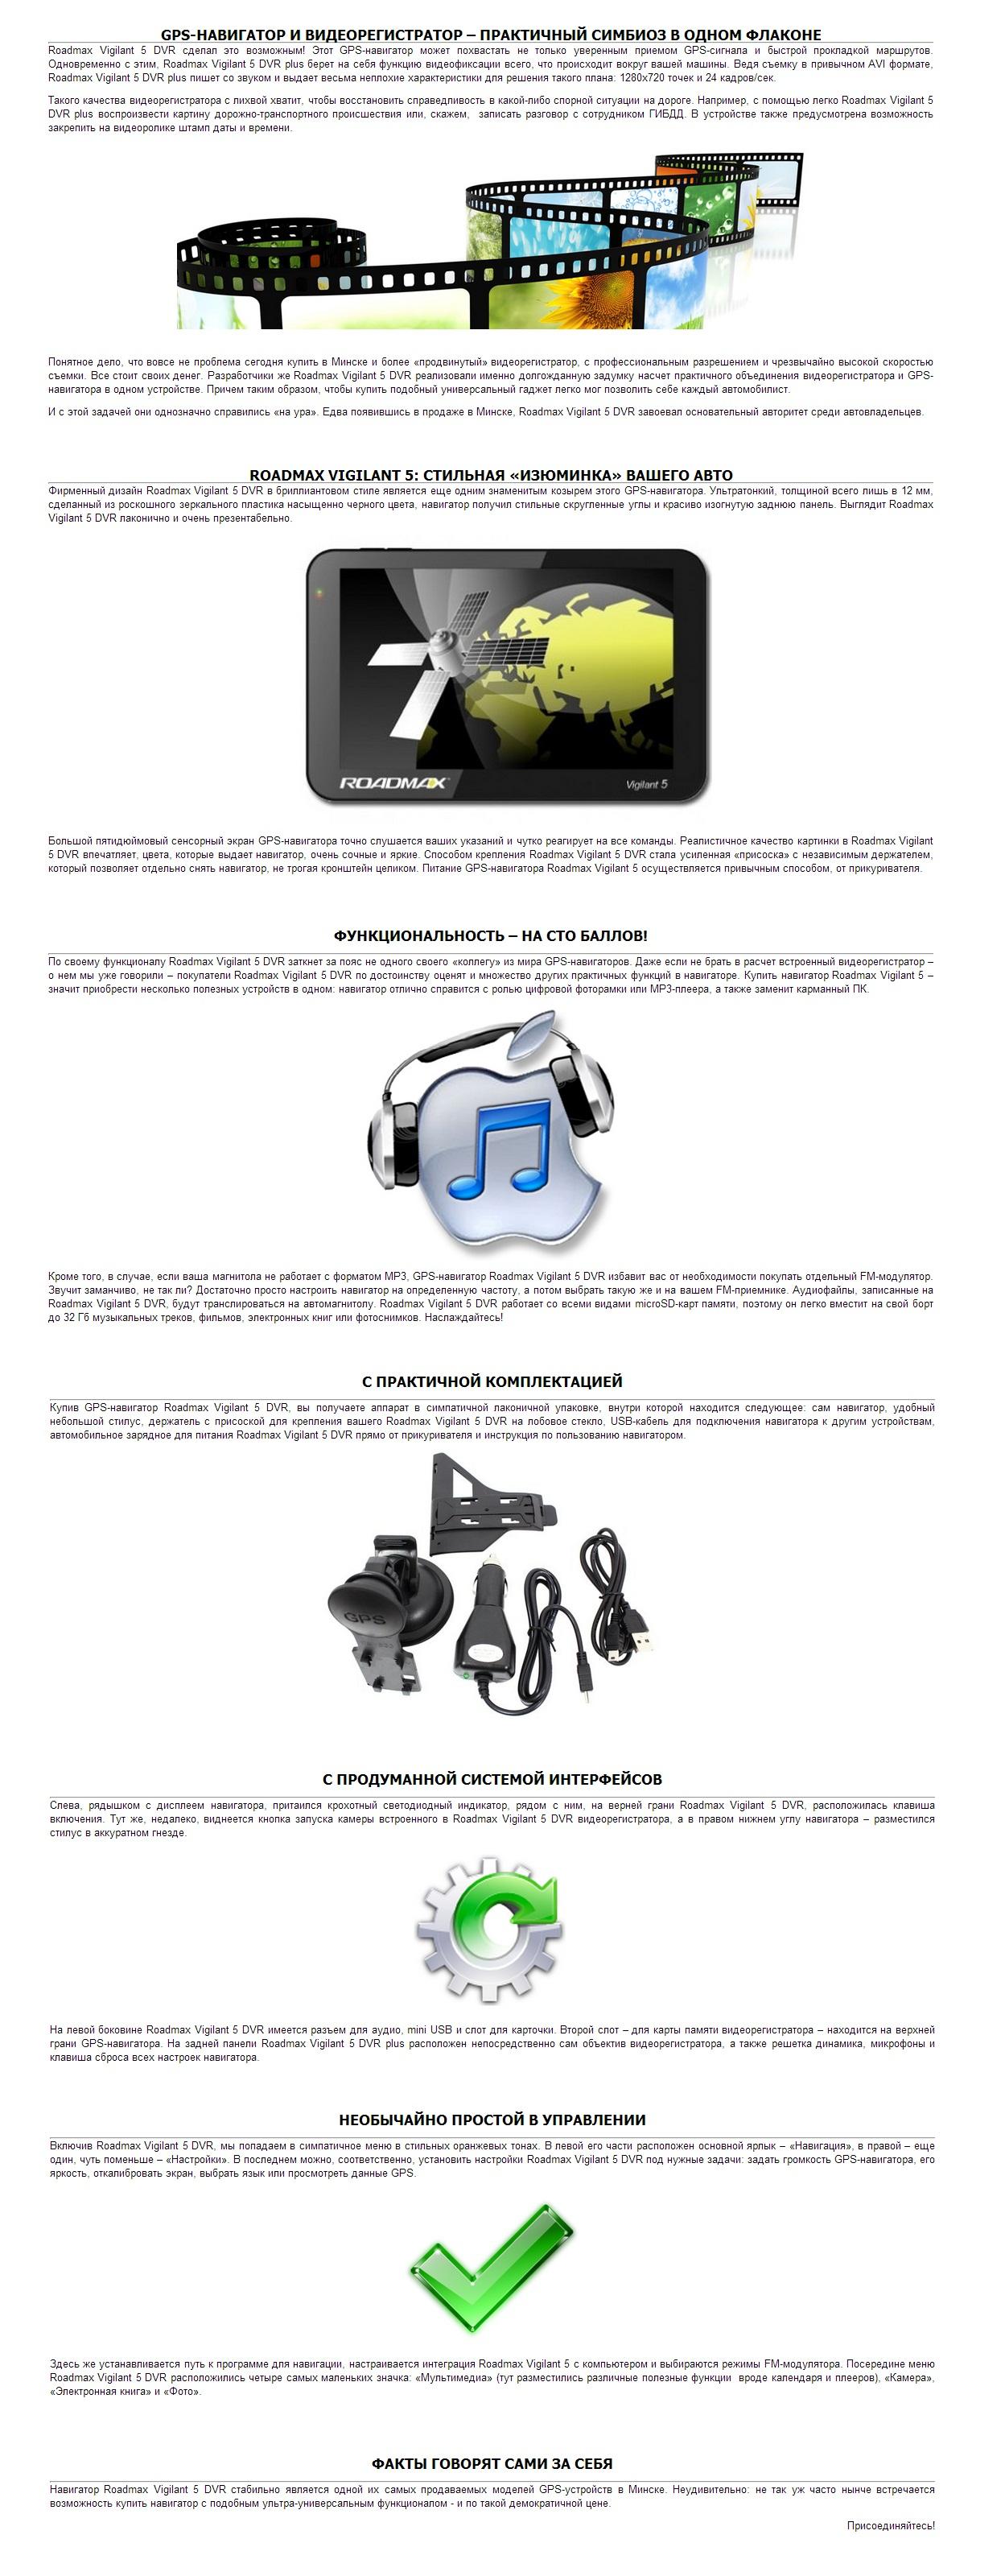 Roadmax Vigilant 5 DVR: GPS и видеорегистратор в одном флаконе